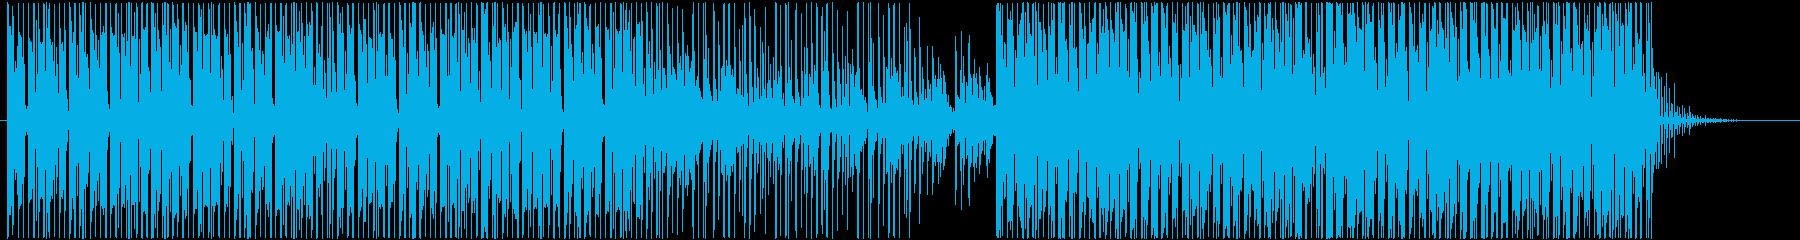 カリンバを使ったアフリカ系クラブサウンドの再生済みの波形